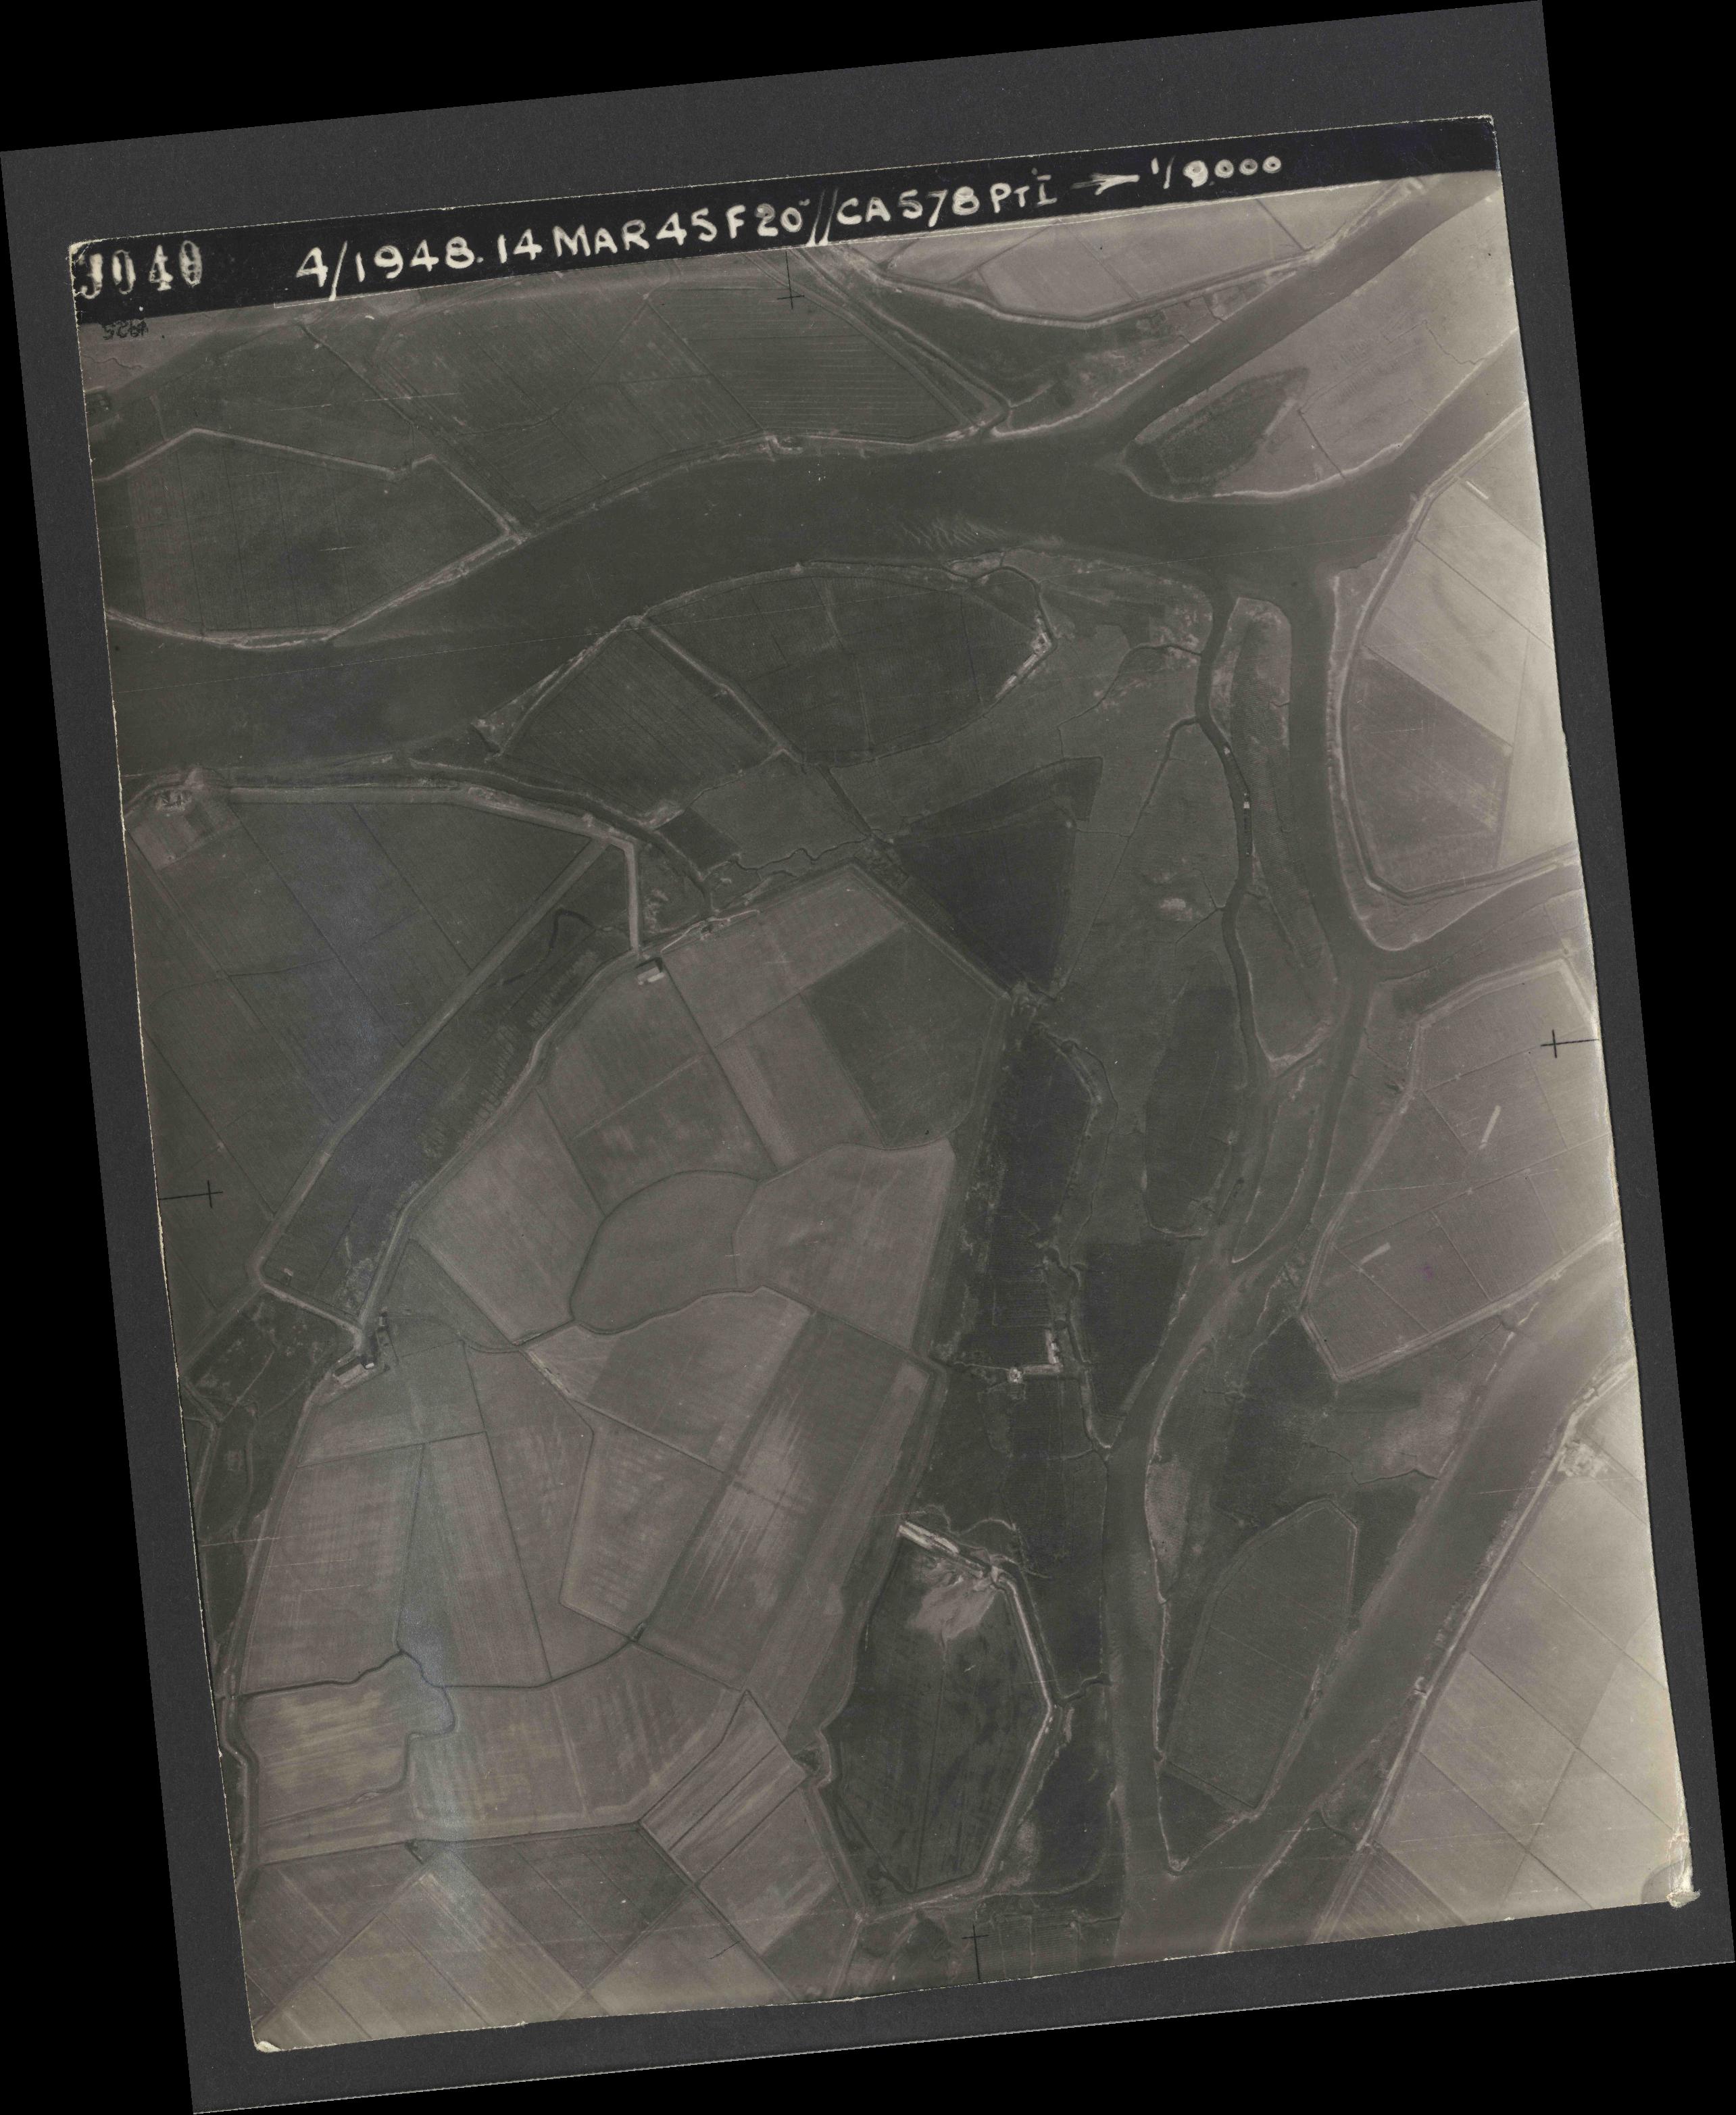 Collection RAF aerial photos 1940-1945 - flight 095, run 03, photo 3040